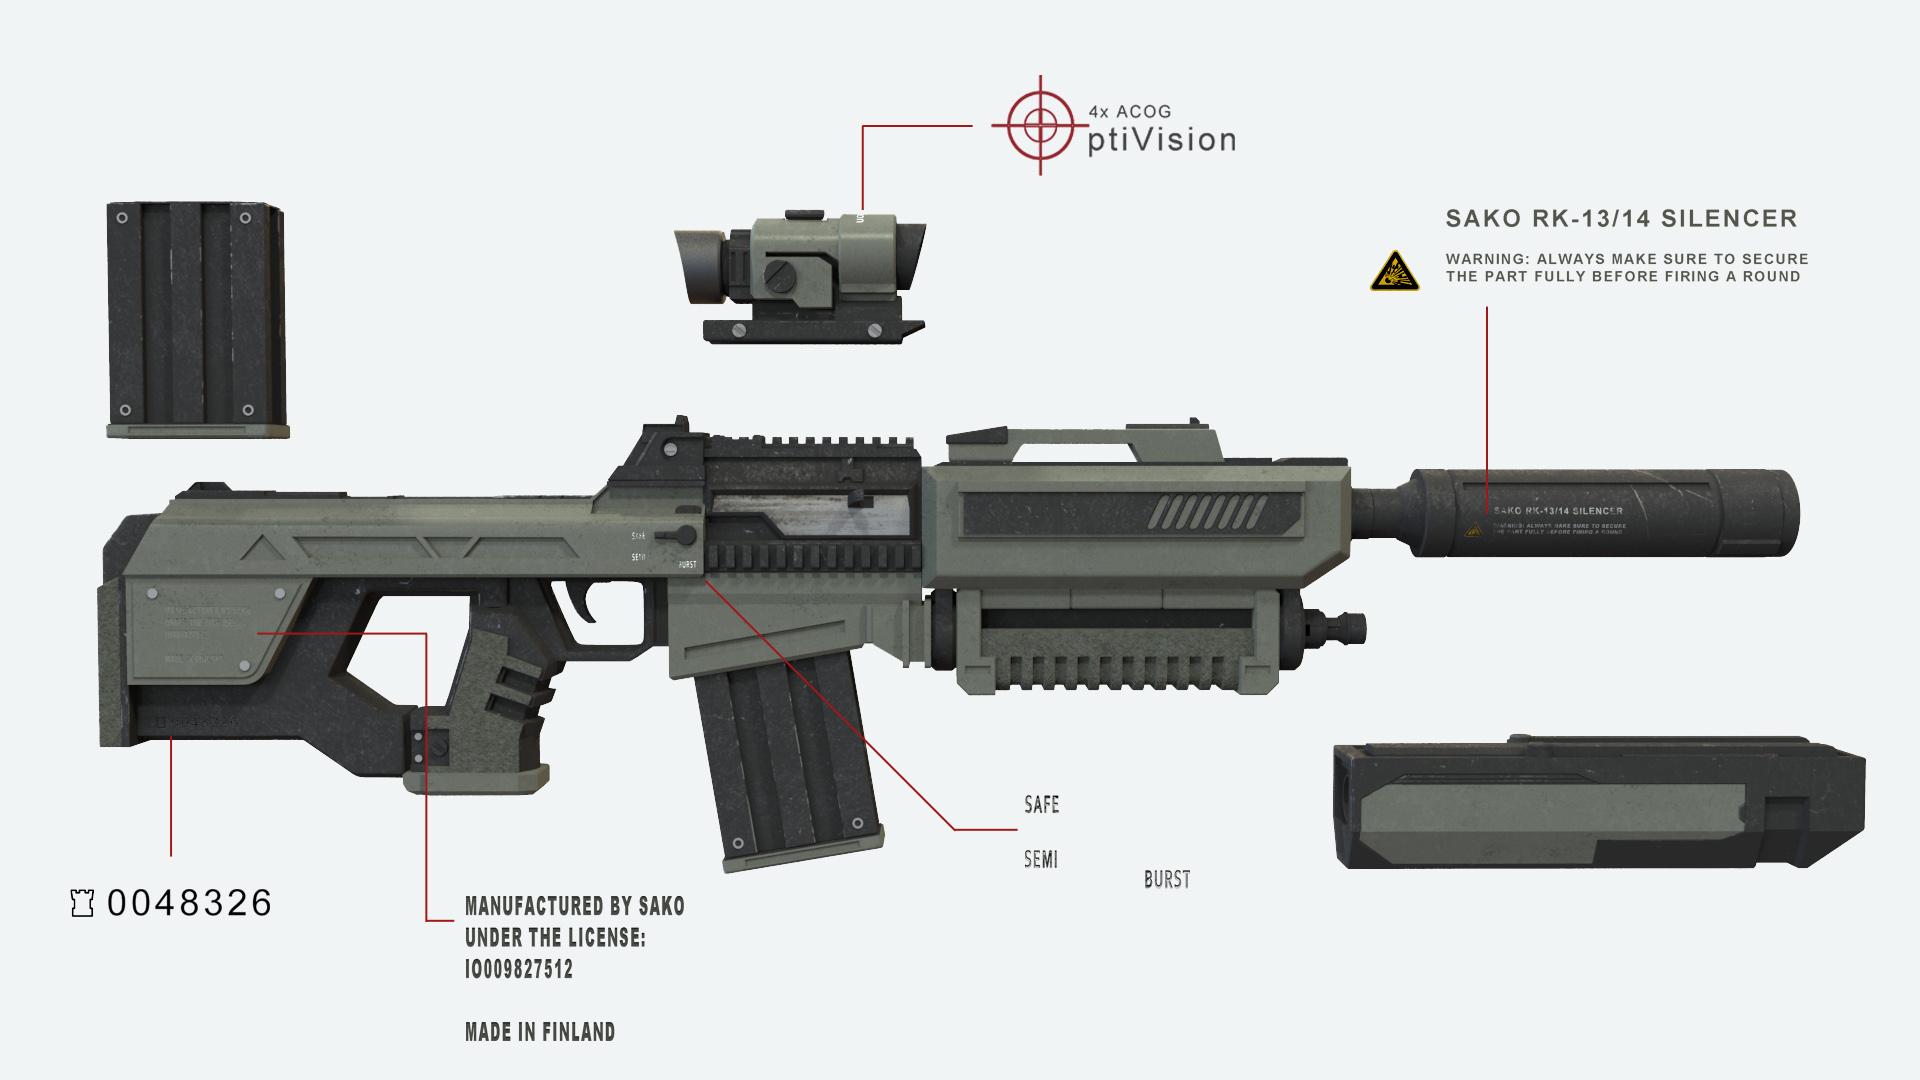 Weapon Design SAKO RK 14 Tapani Heikkinen